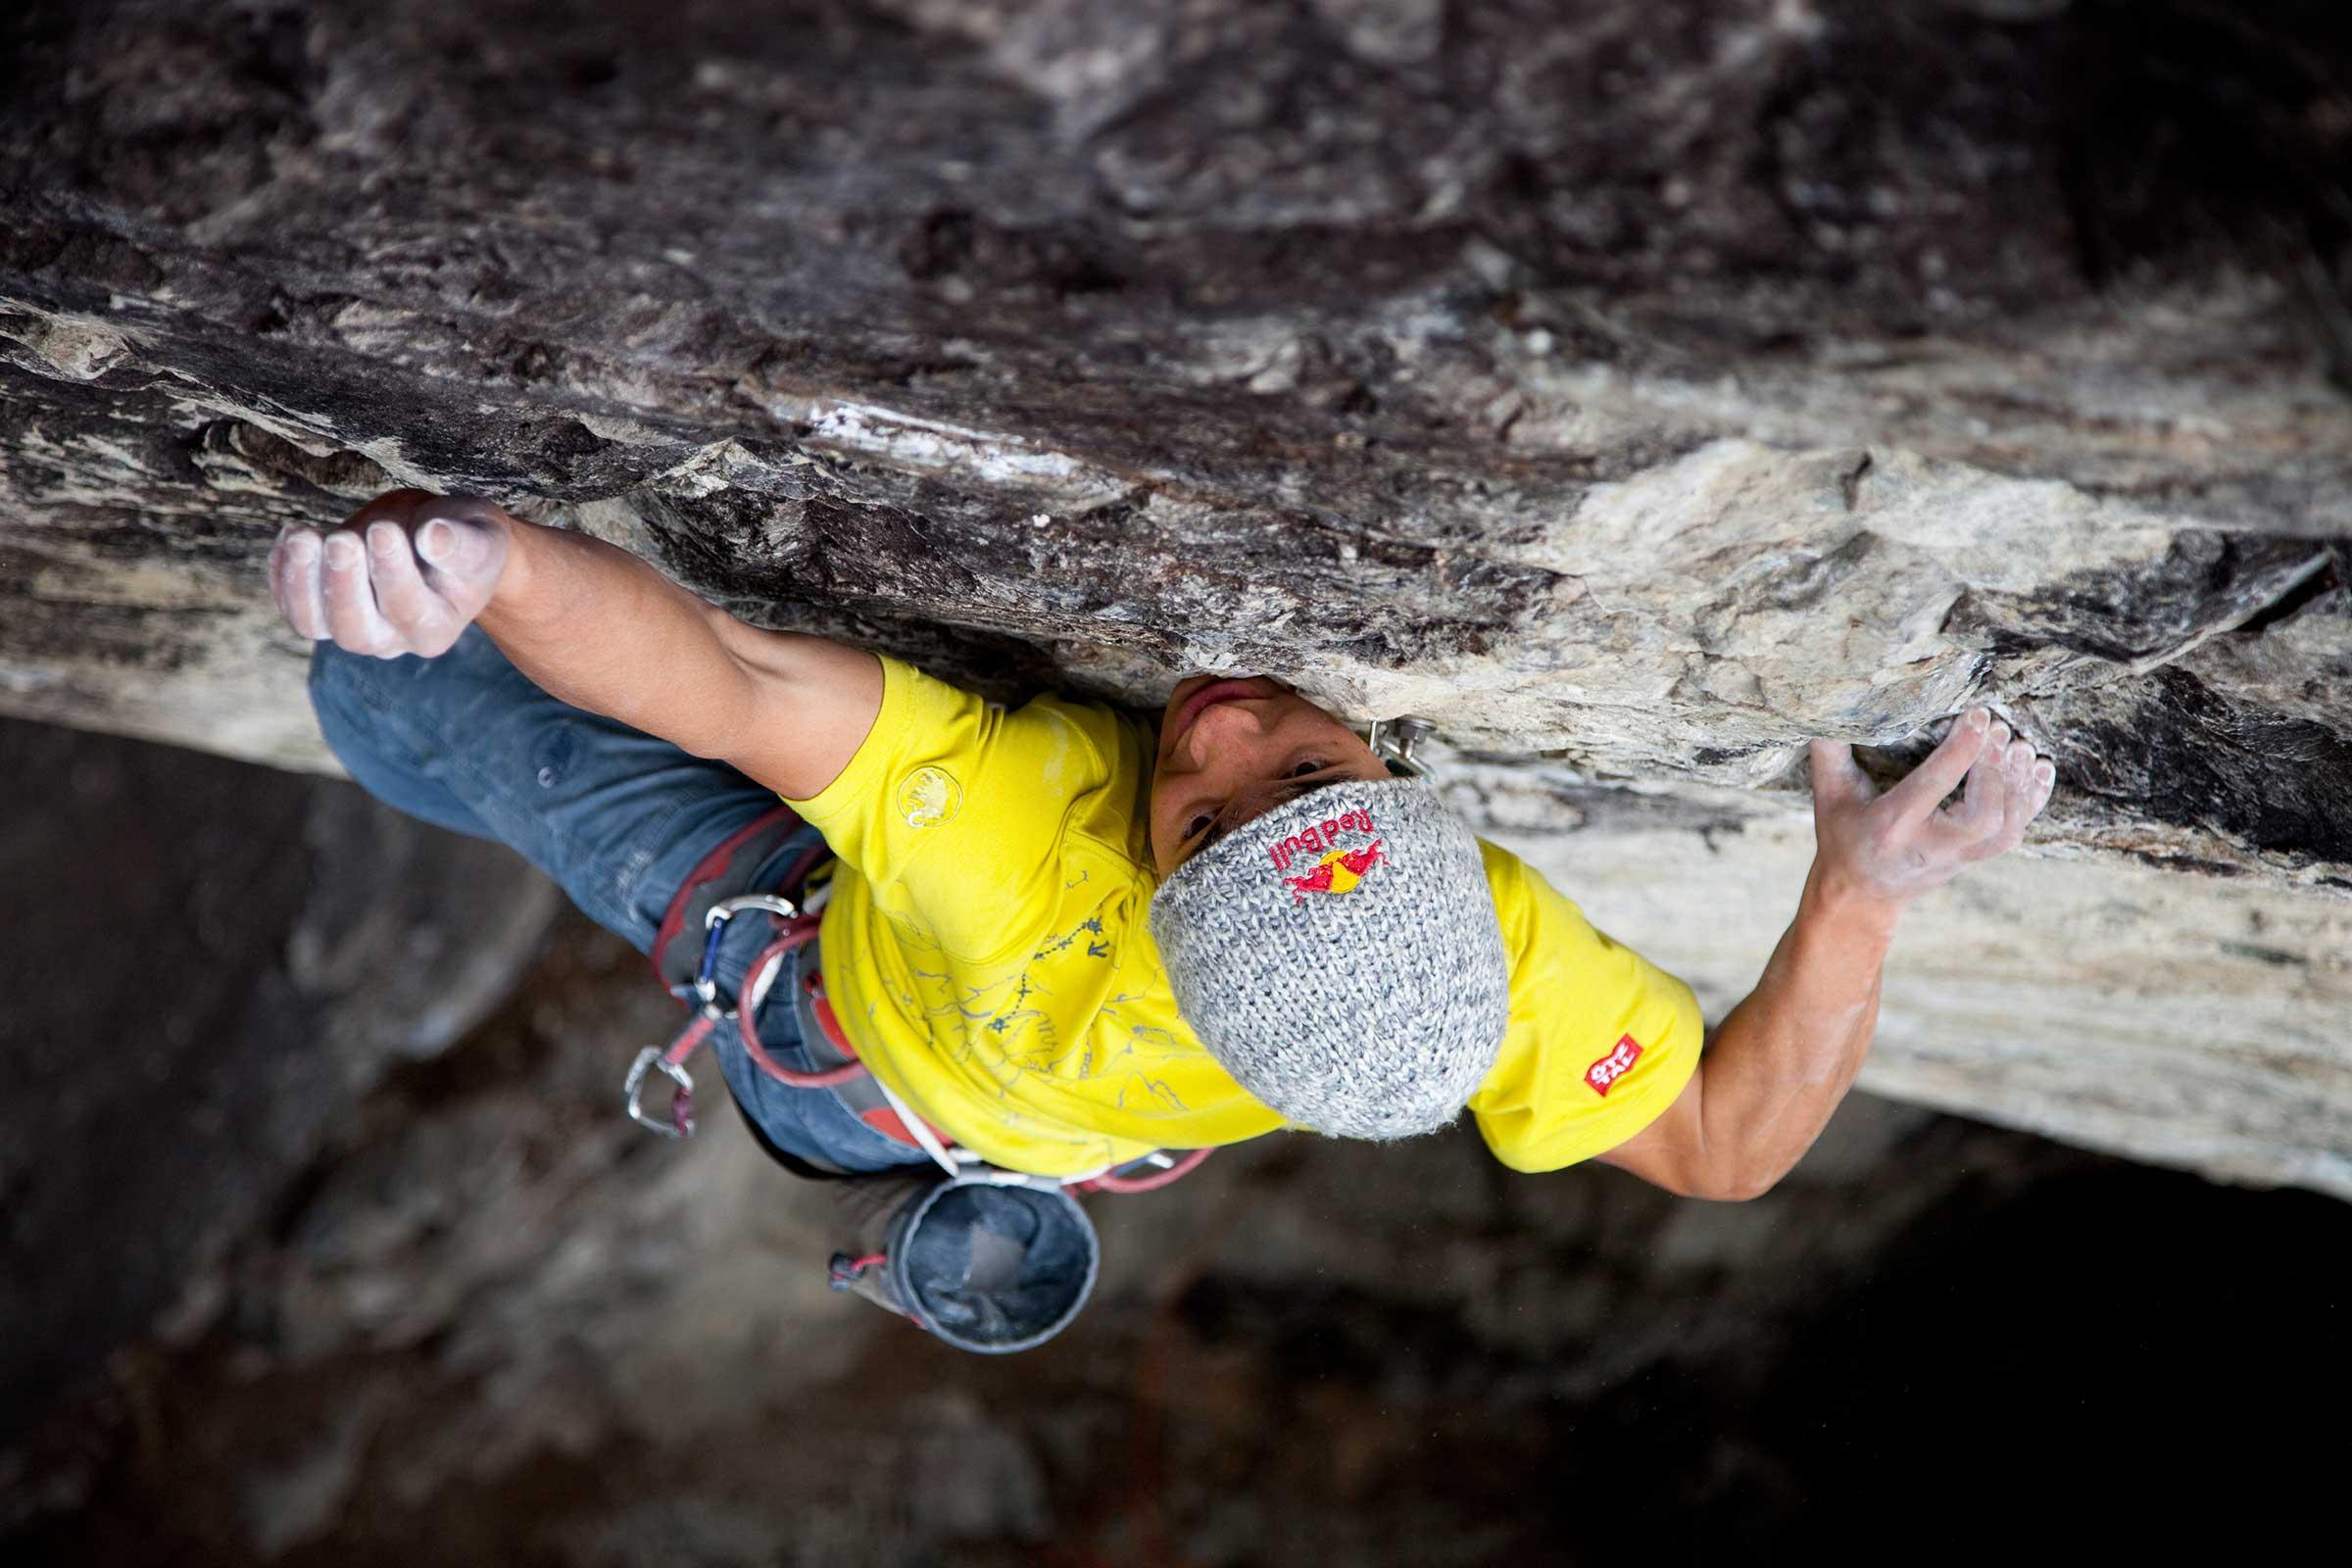 David Lama beim Klettern in Nösslach - Abschied von den Besten